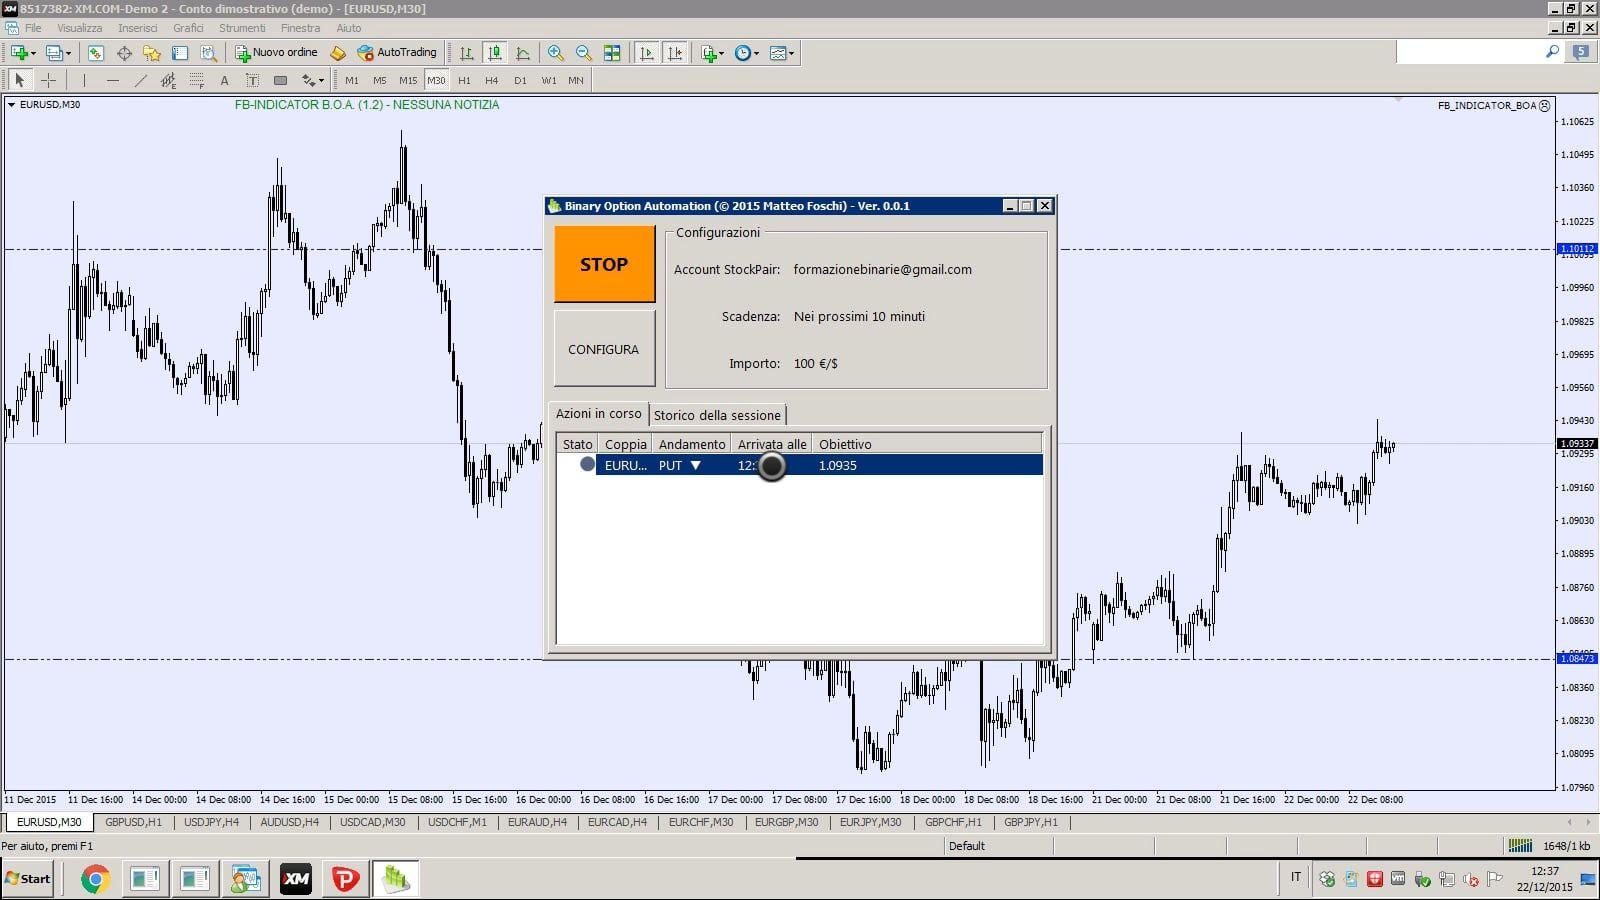 Trading risk management software